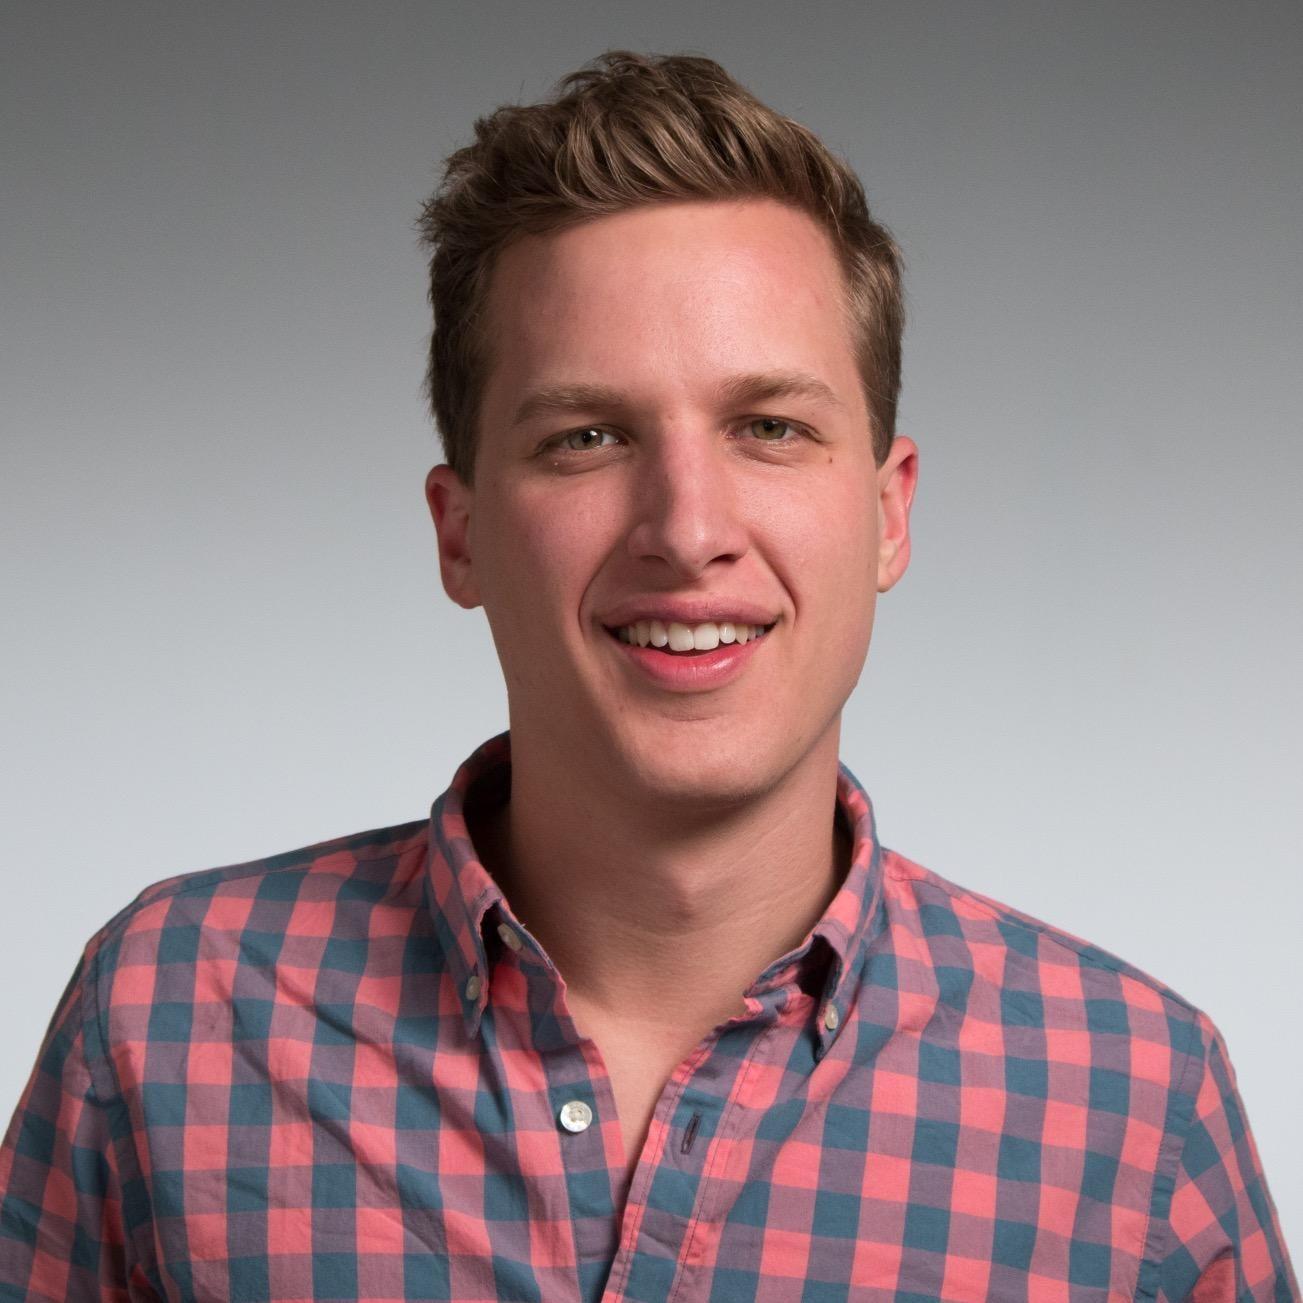 Luke Schoenfelder